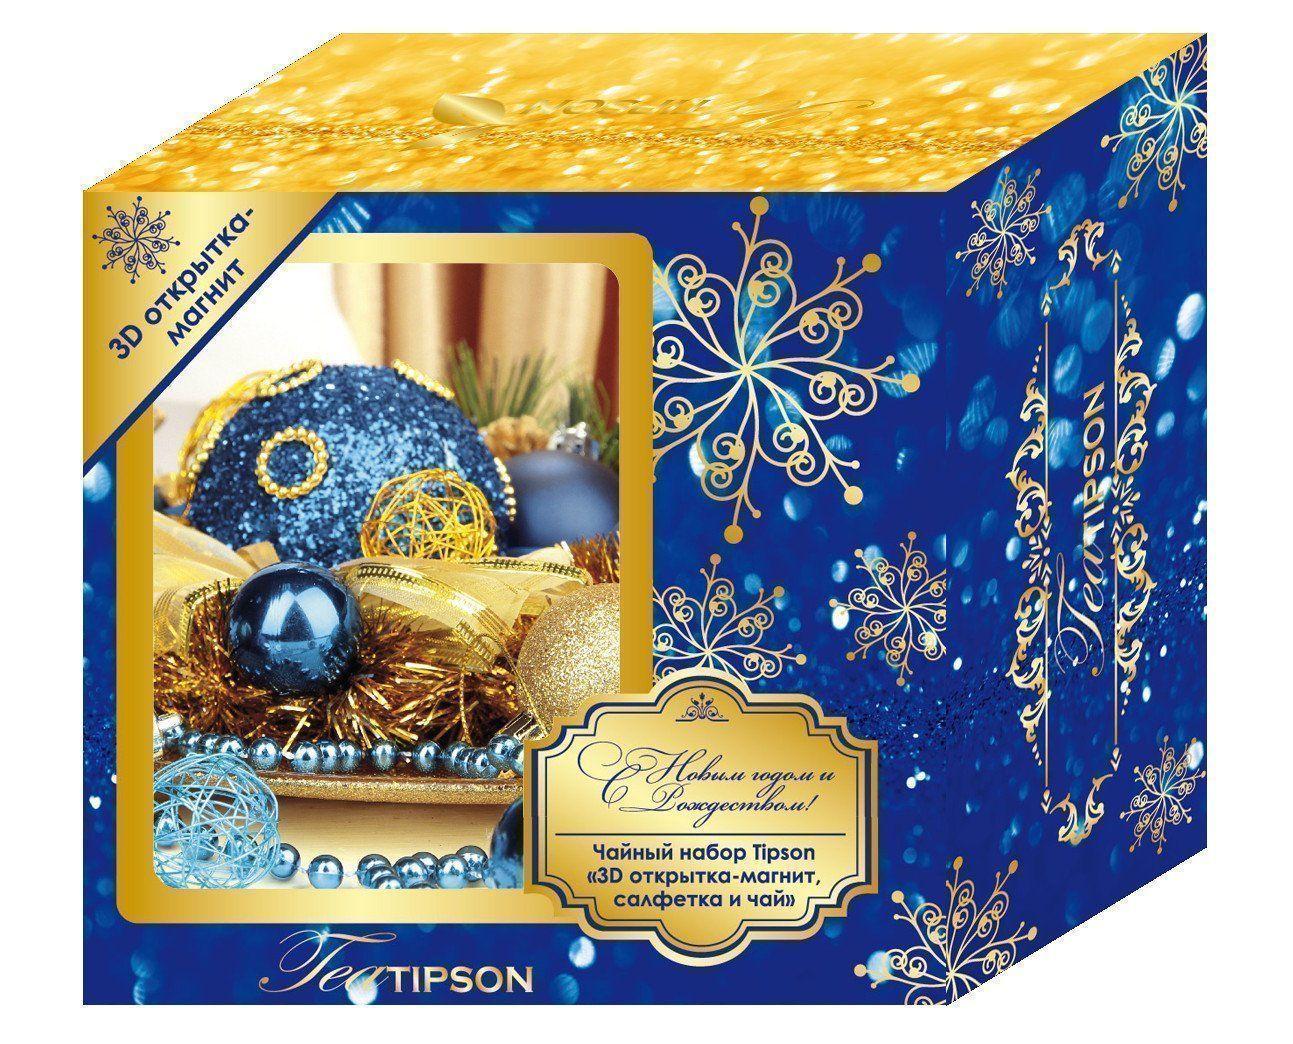 Подарочный набор Tipson Шары елочные. Черный чай Ceylon №1 с 3D-открыткой-магнитом и салфеткой для дома (50 г)Чай в подарок<br>Предлагаем вашему вниманию подарочный набор Tipson. В комплект с упаковкой традиционного чая Tipson Ceylon №1 входит очень нужная в каждом доме яркая салфетка из 100% хлопка, а также яркая, переливающаяся 3D-открытка, которую можно повесить на холодильник...<br><br>Год: 2016<br>Высота: 170<br>Ширина: 160<br>Толщина: 70